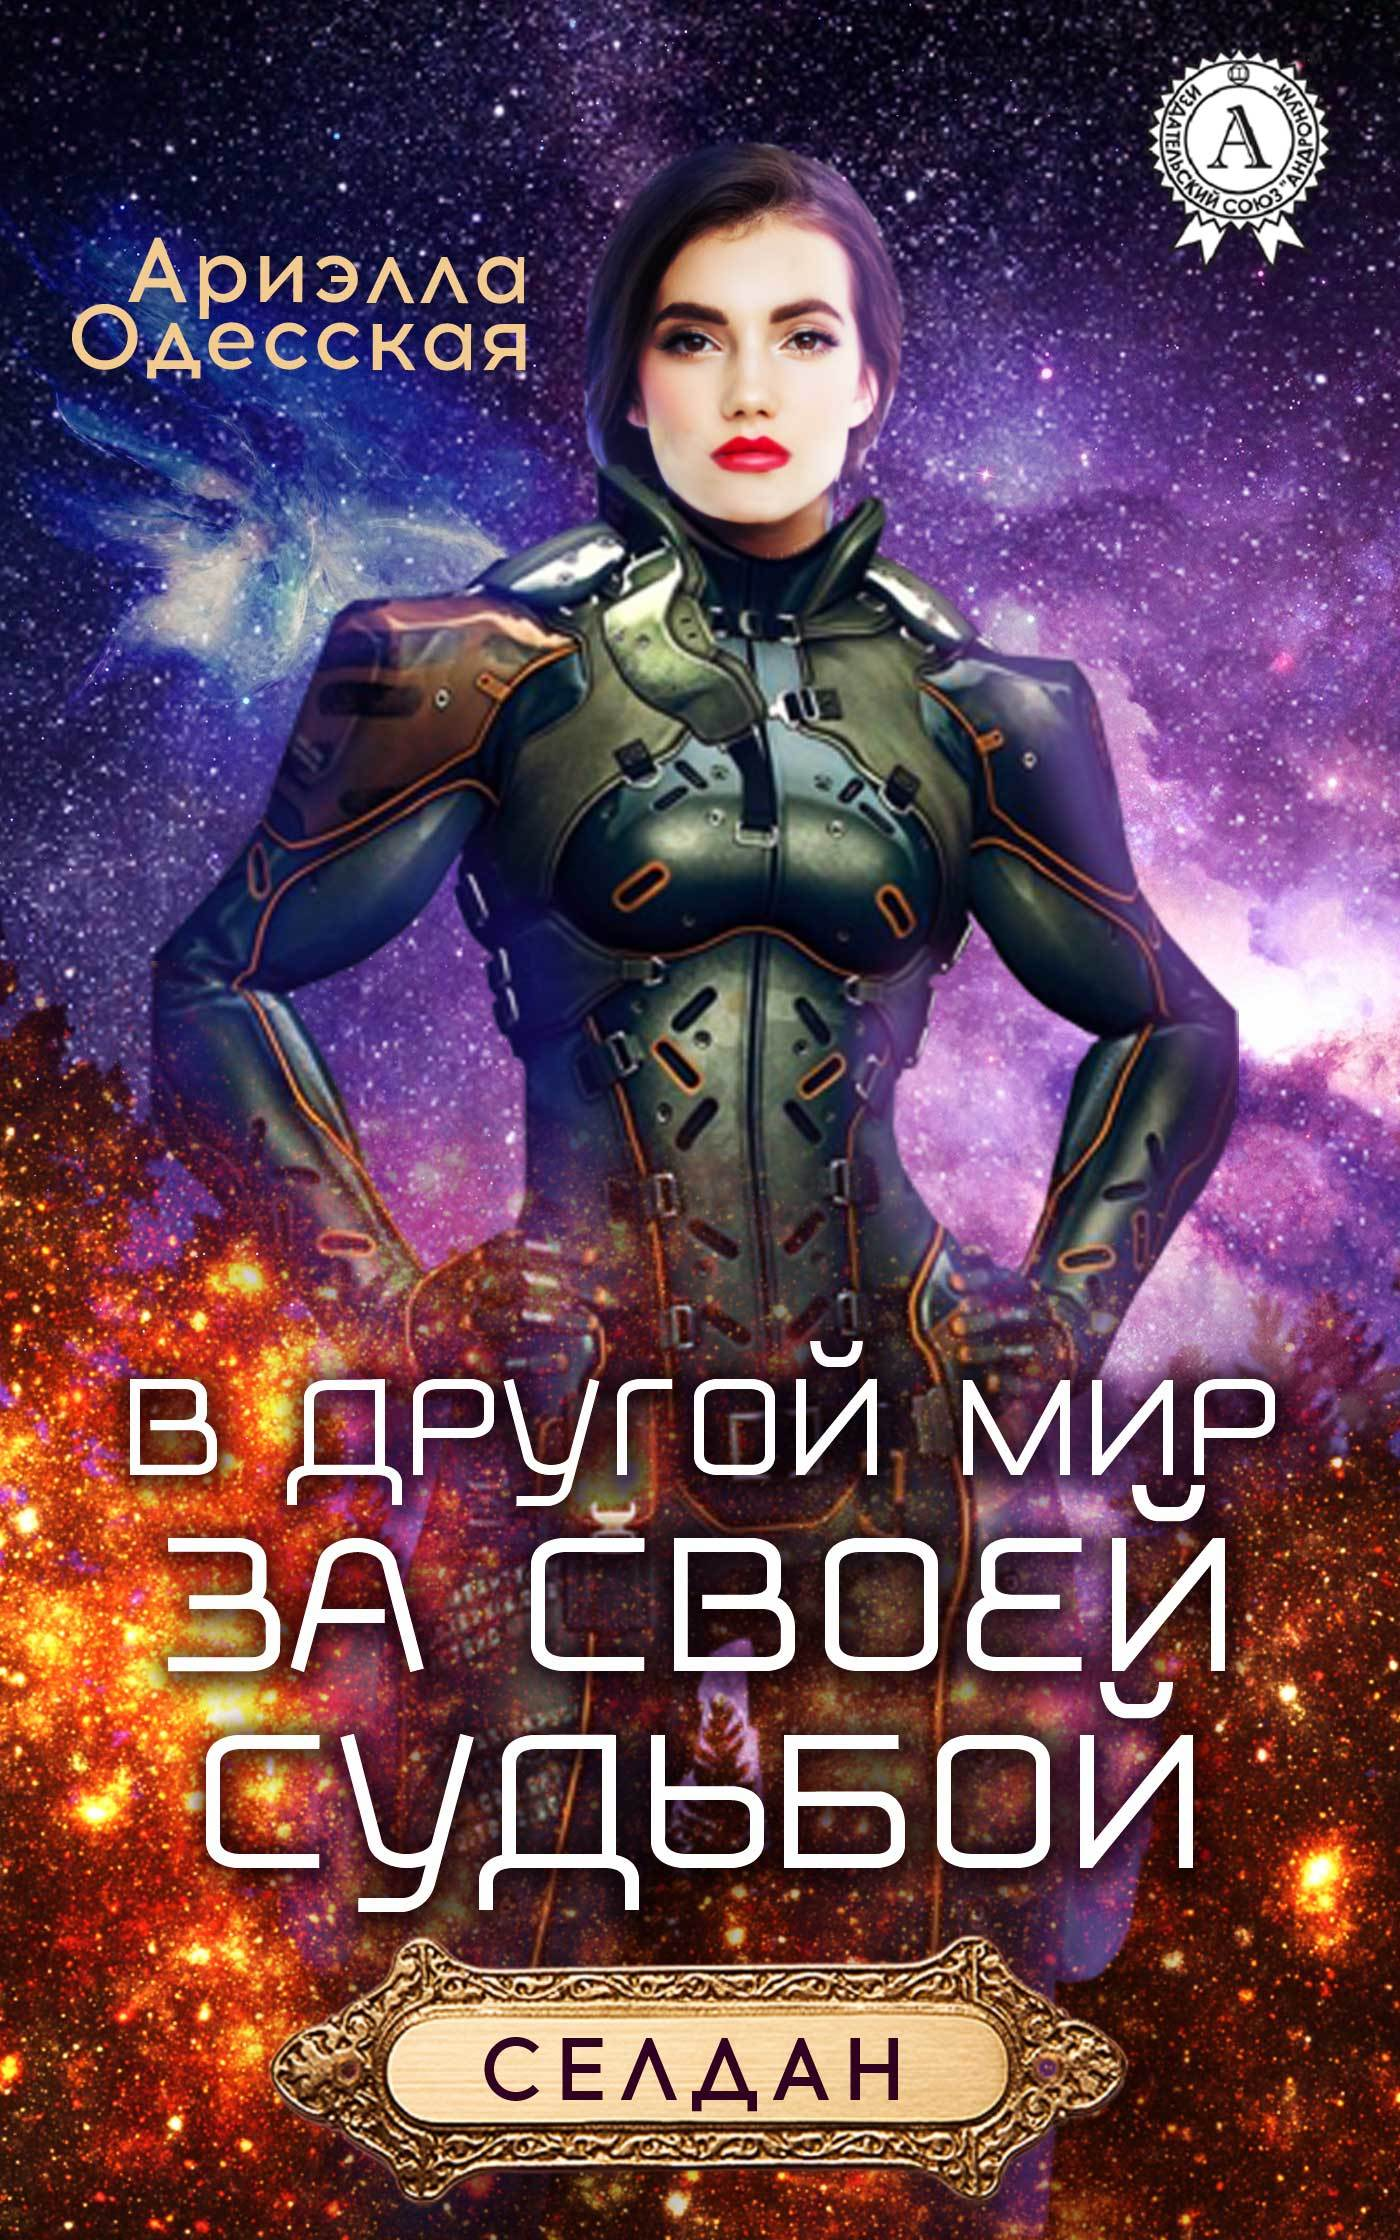 Ариэлла Одесская бесплатно